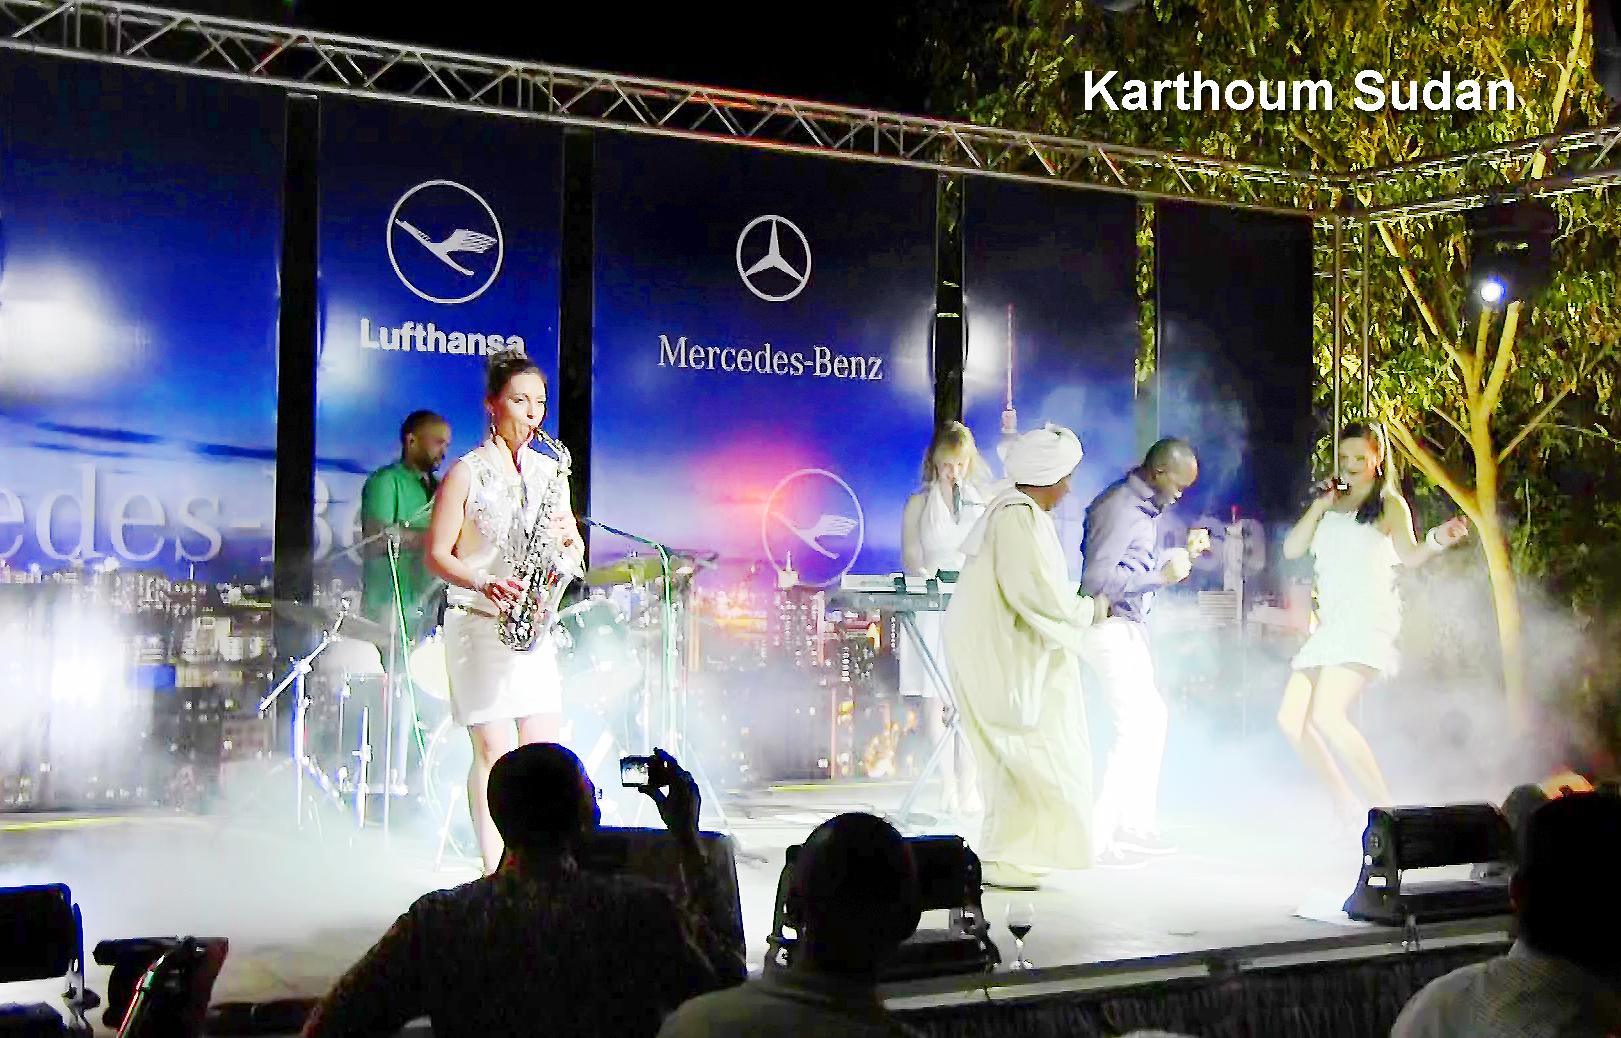 Damenband Princess Cut von Uta Sophie Halbritter, Partyband zum Tanzen feiern. Elegante Frauenband und Ladiesband zum Tanzen